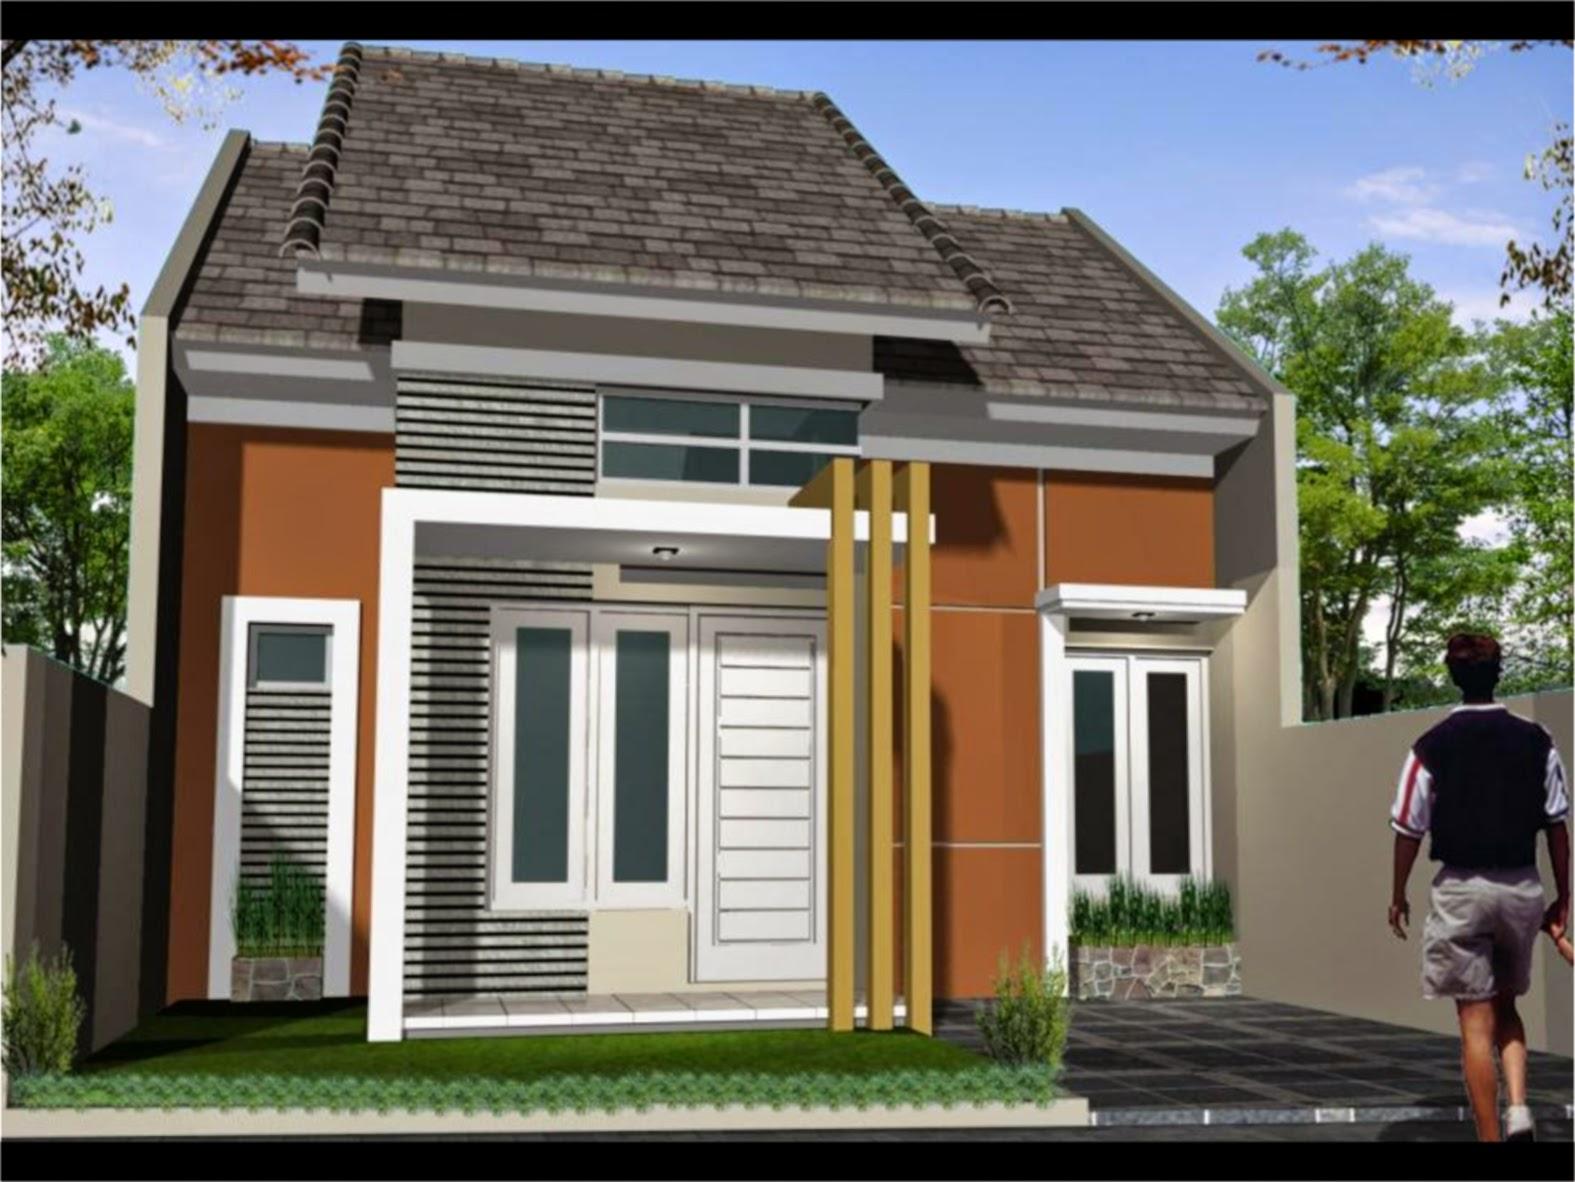 Desain Dan Denah Model Rumah Minimalis Type 45 Rumah Minimalis & Gambar Desain Eksterior Rumah Minimalis Type 45 Terbaru | Desain ...